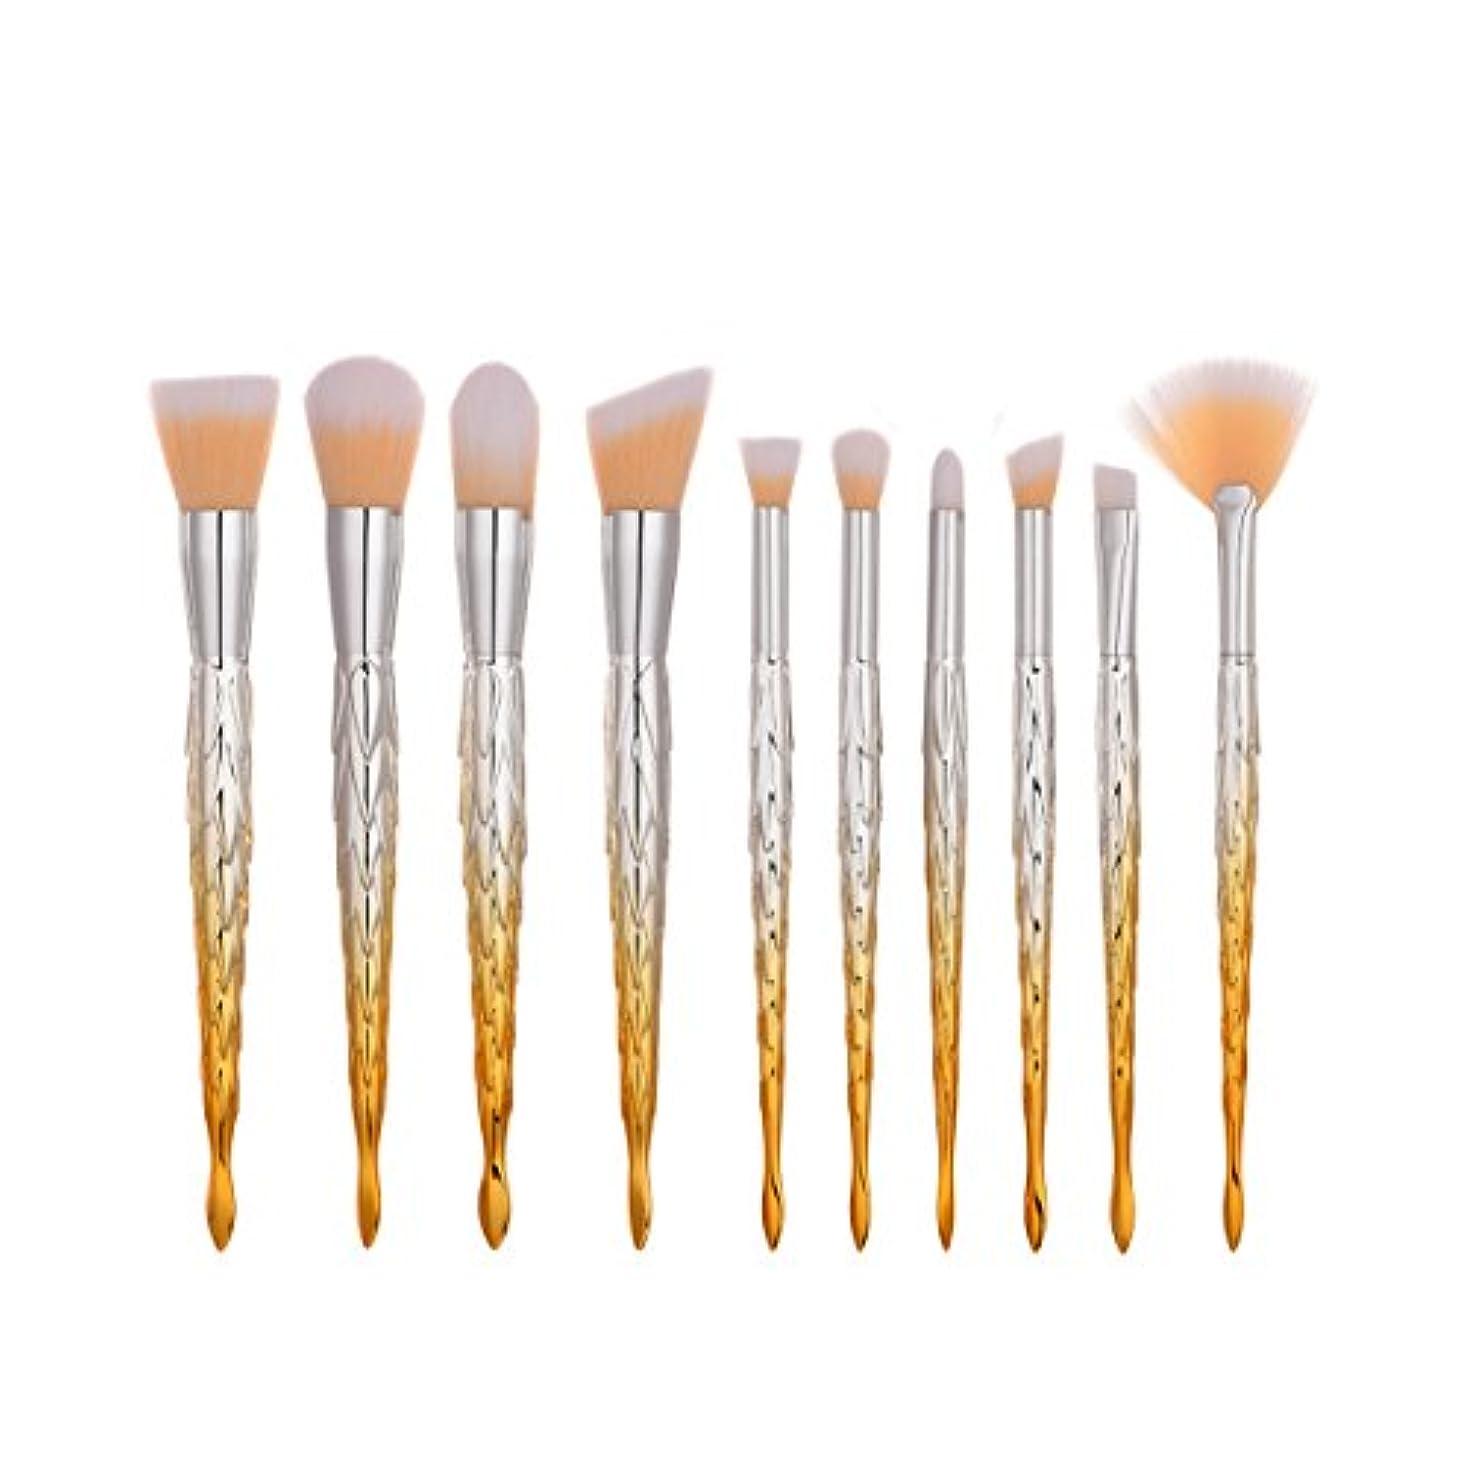 山昇進コアディラビューティー(Dilla Beauty) 10本セットカラフルなマーメイドメイクブラシセットプラスチックハンドル魚ブラシプロフェッショナルフェイスメイクアップブレンダースポンジパフブラシユニークなレインボーブラシ、ティーンズガールズ女性のための格安プライム (オレンジ - ホワイト)